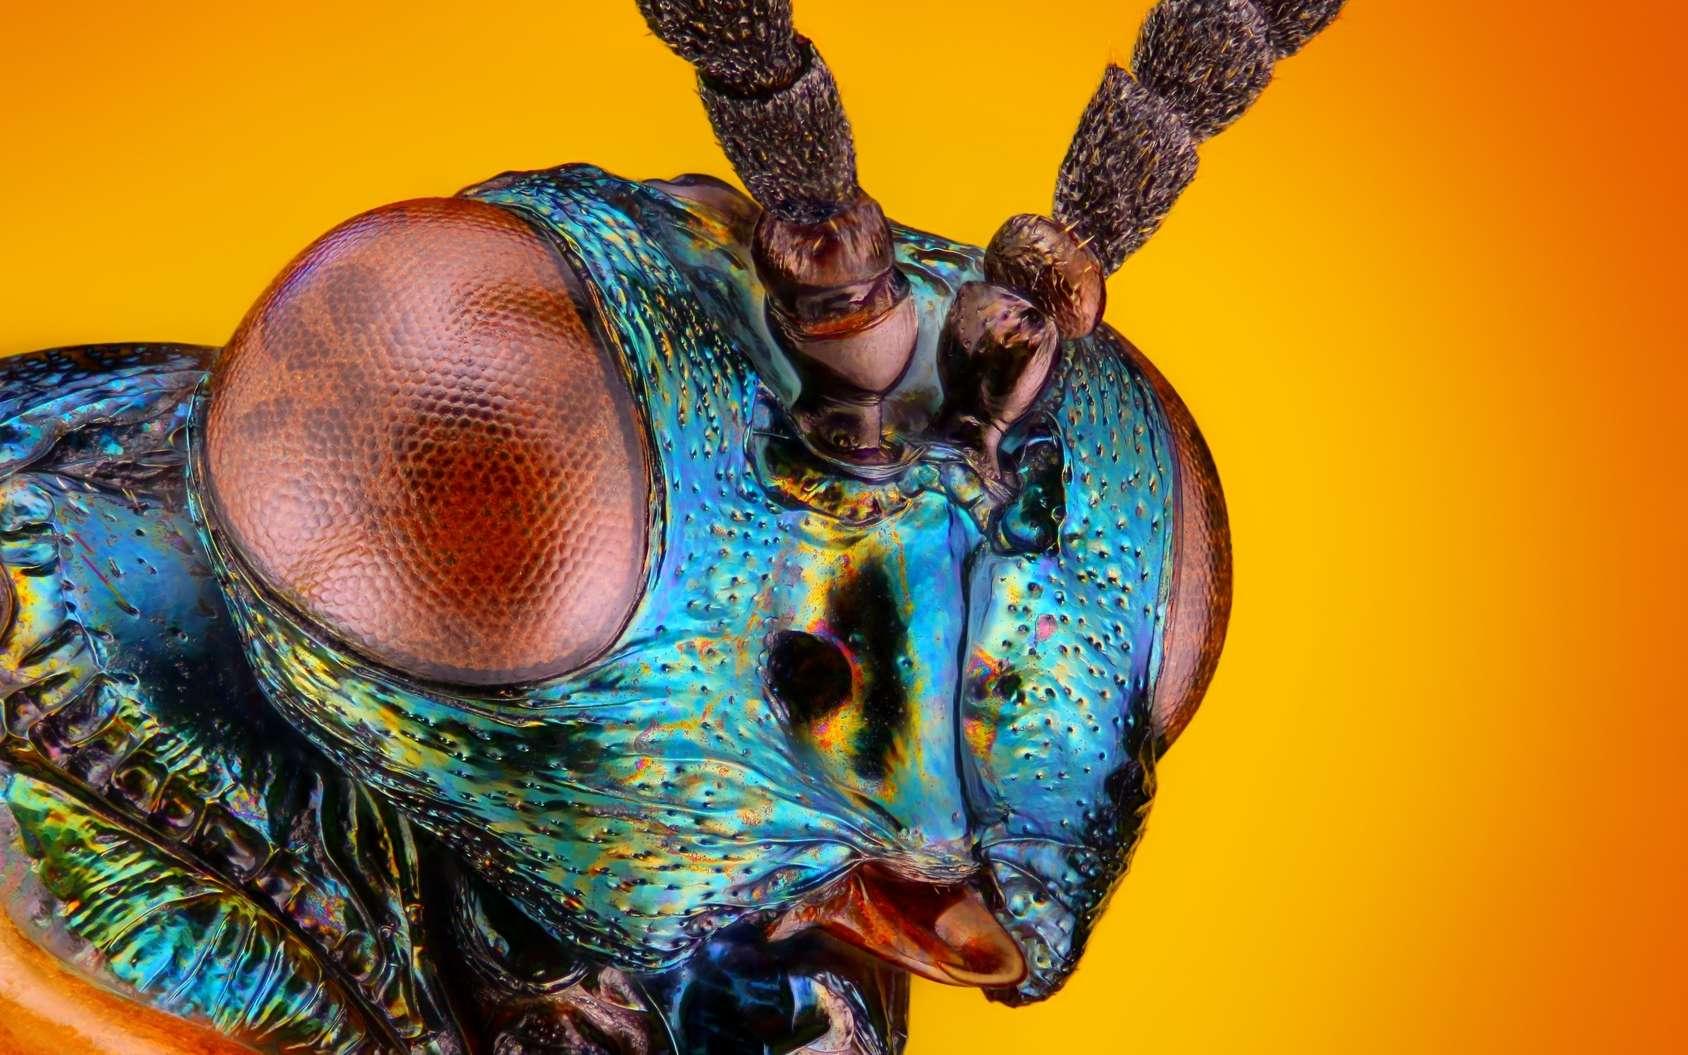 Le programme MicroBrain de la Darpa espère faire émerger de nouveaux systèmes de traitements pour l'intelligence artificielle plus rapides et moins énergivores en s'inspirant des insectes. © tomatito26, Fotolia